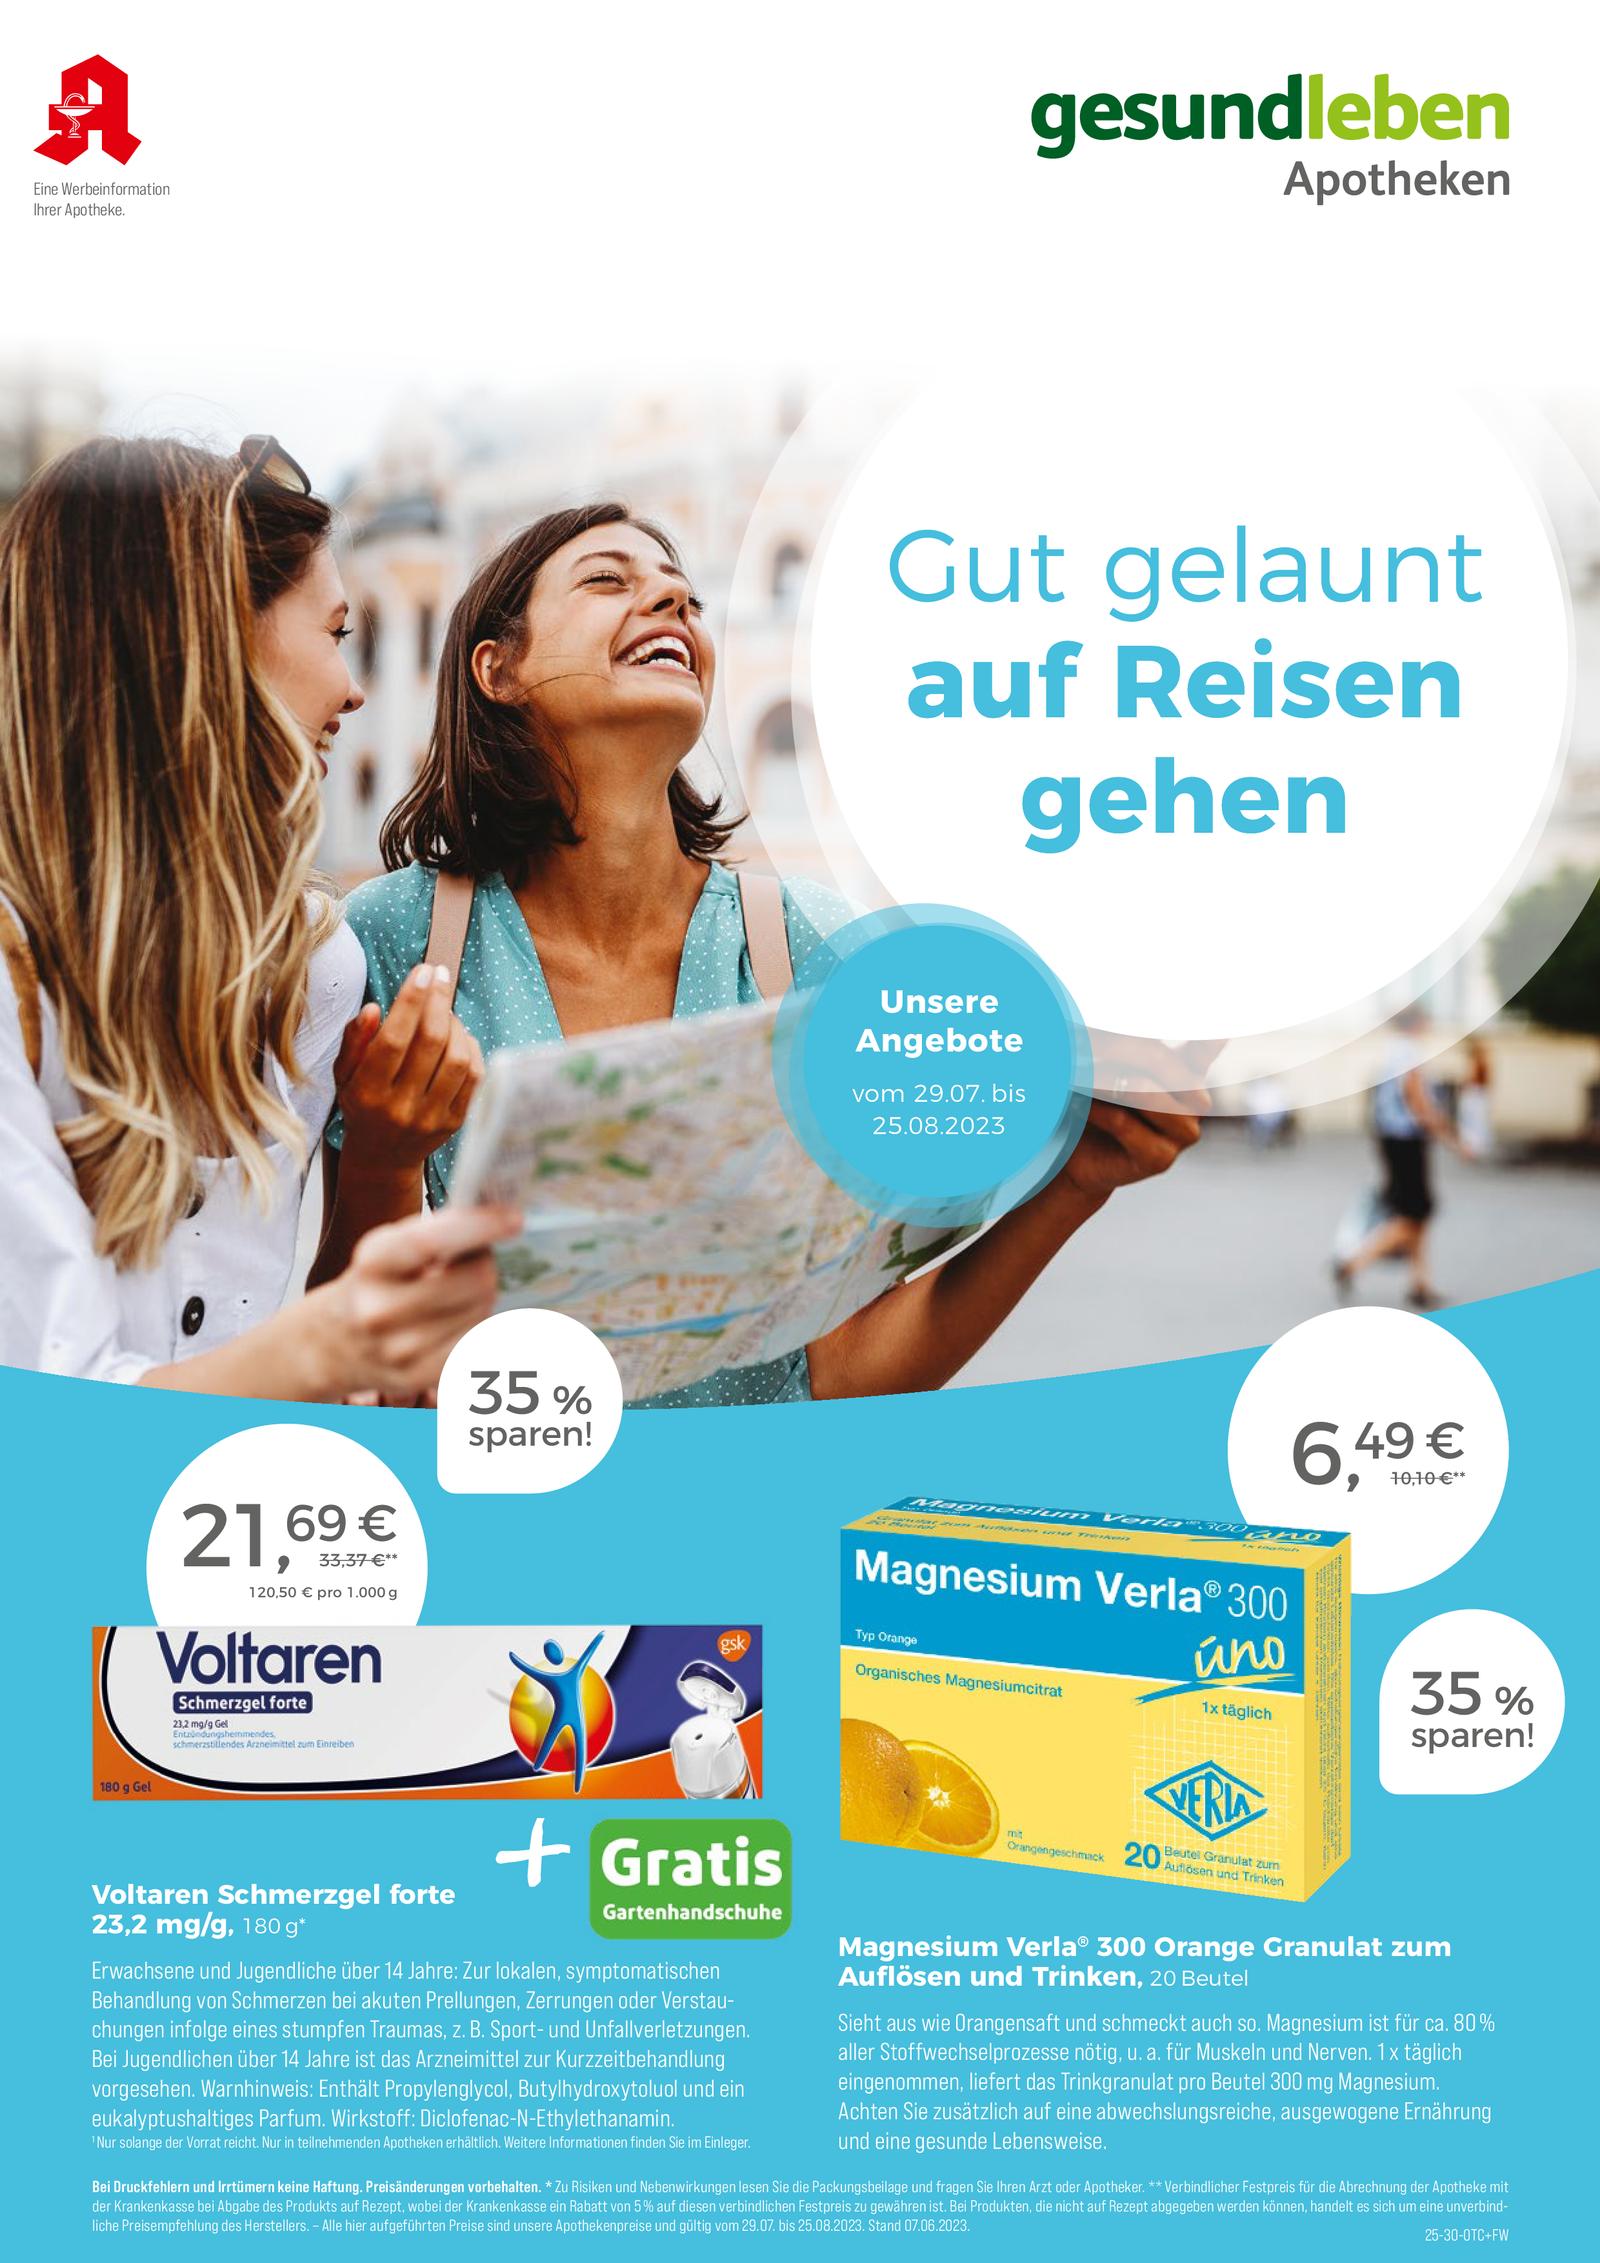 https://mein-uploads.apocdn.net/4741/leaflets/gesundleben_hoch-Seite1.png